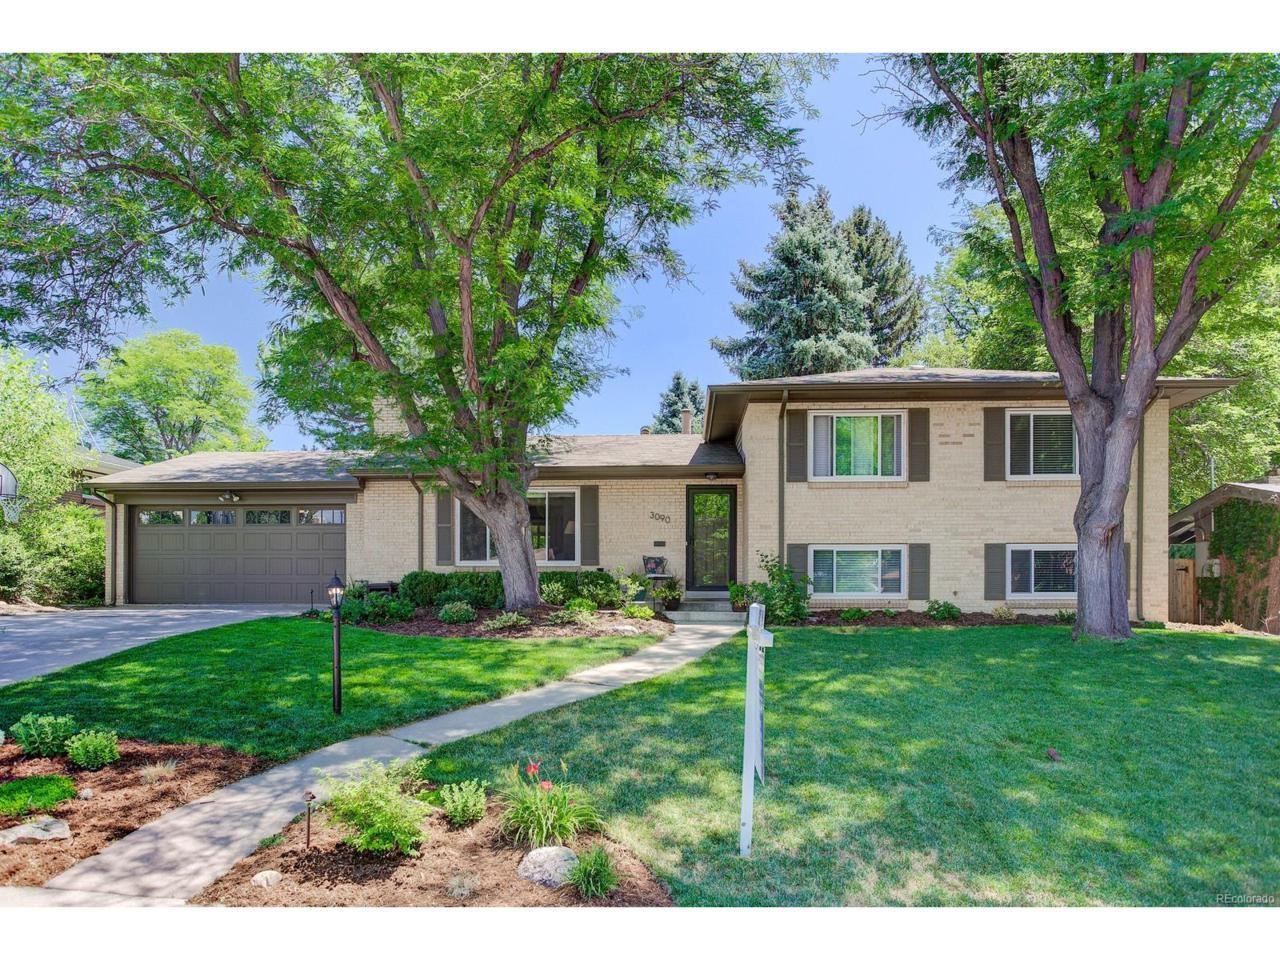 3090 S Williams Street, Denver, CO 80210 (MLS #4081283) :: 8z Real Estate